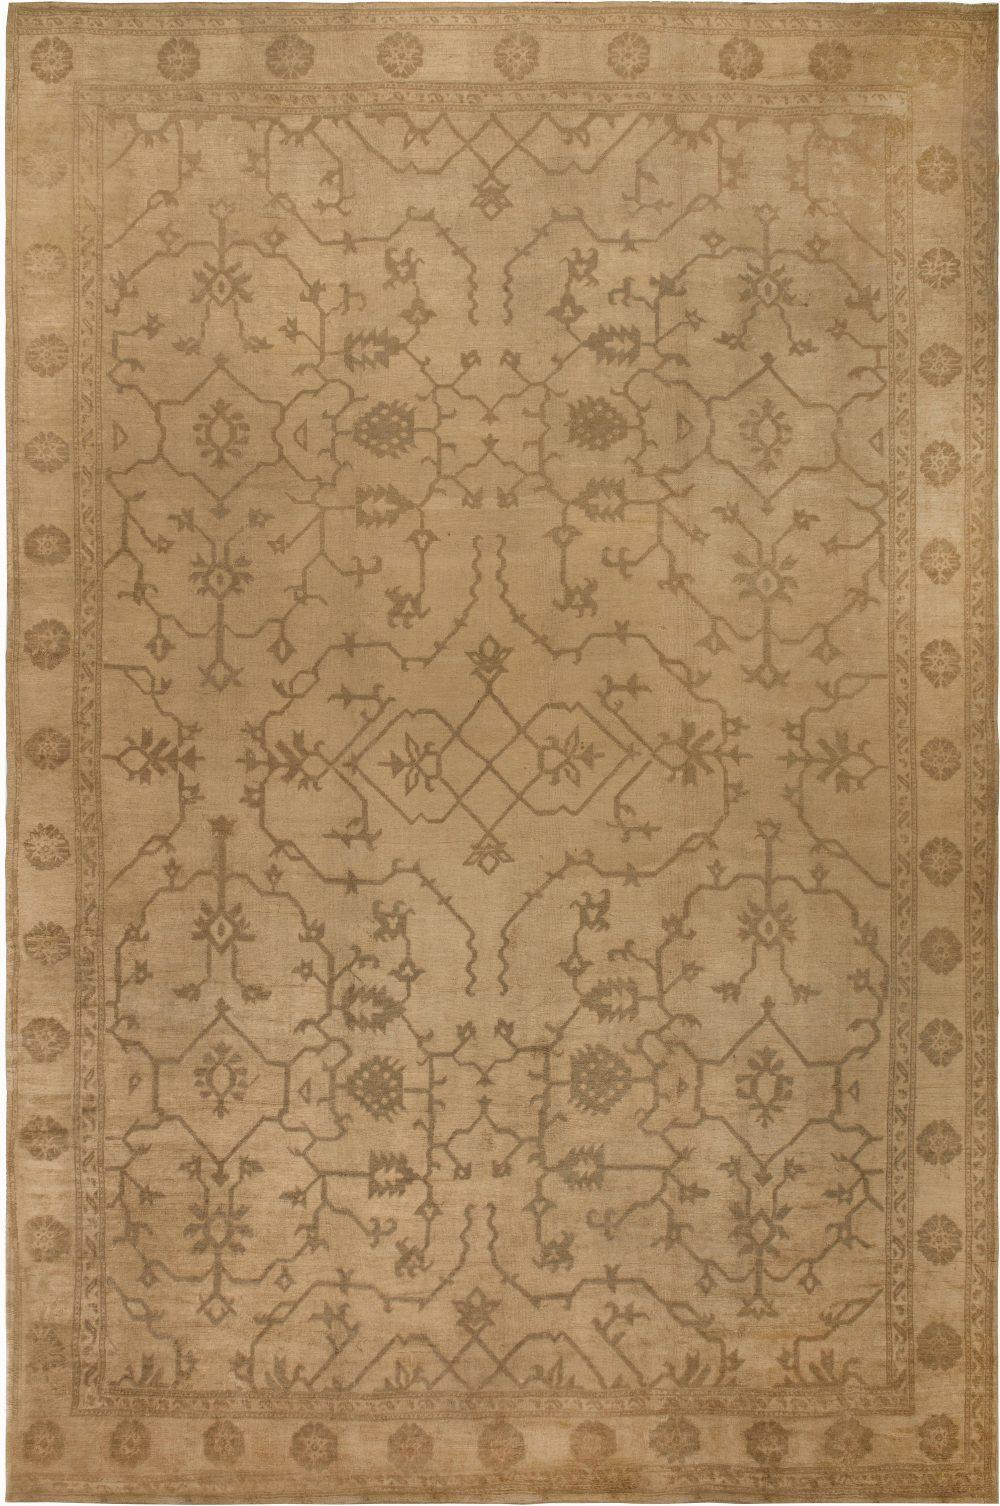 Oversized Antique Turkish Oushak Botanic Brown Handwoven Wool Rug BB6785